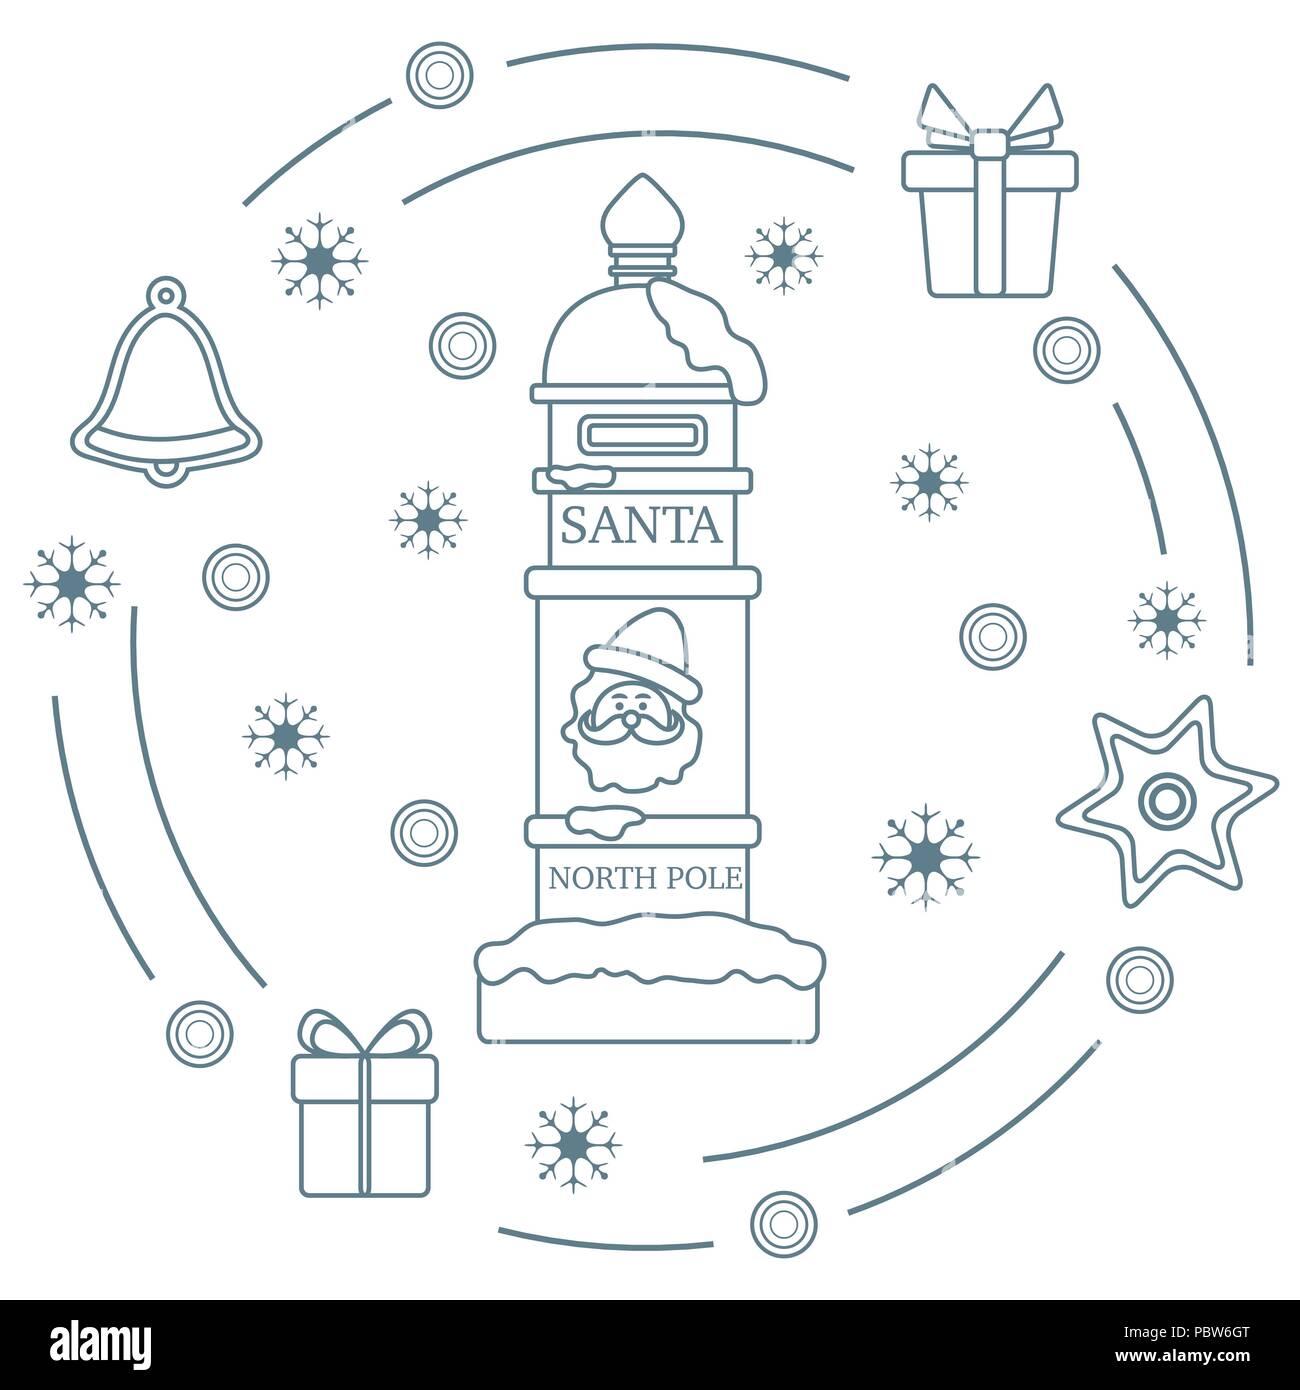 Santas Mailbox Gifts Bell Gingerbread Star Snowflakes New